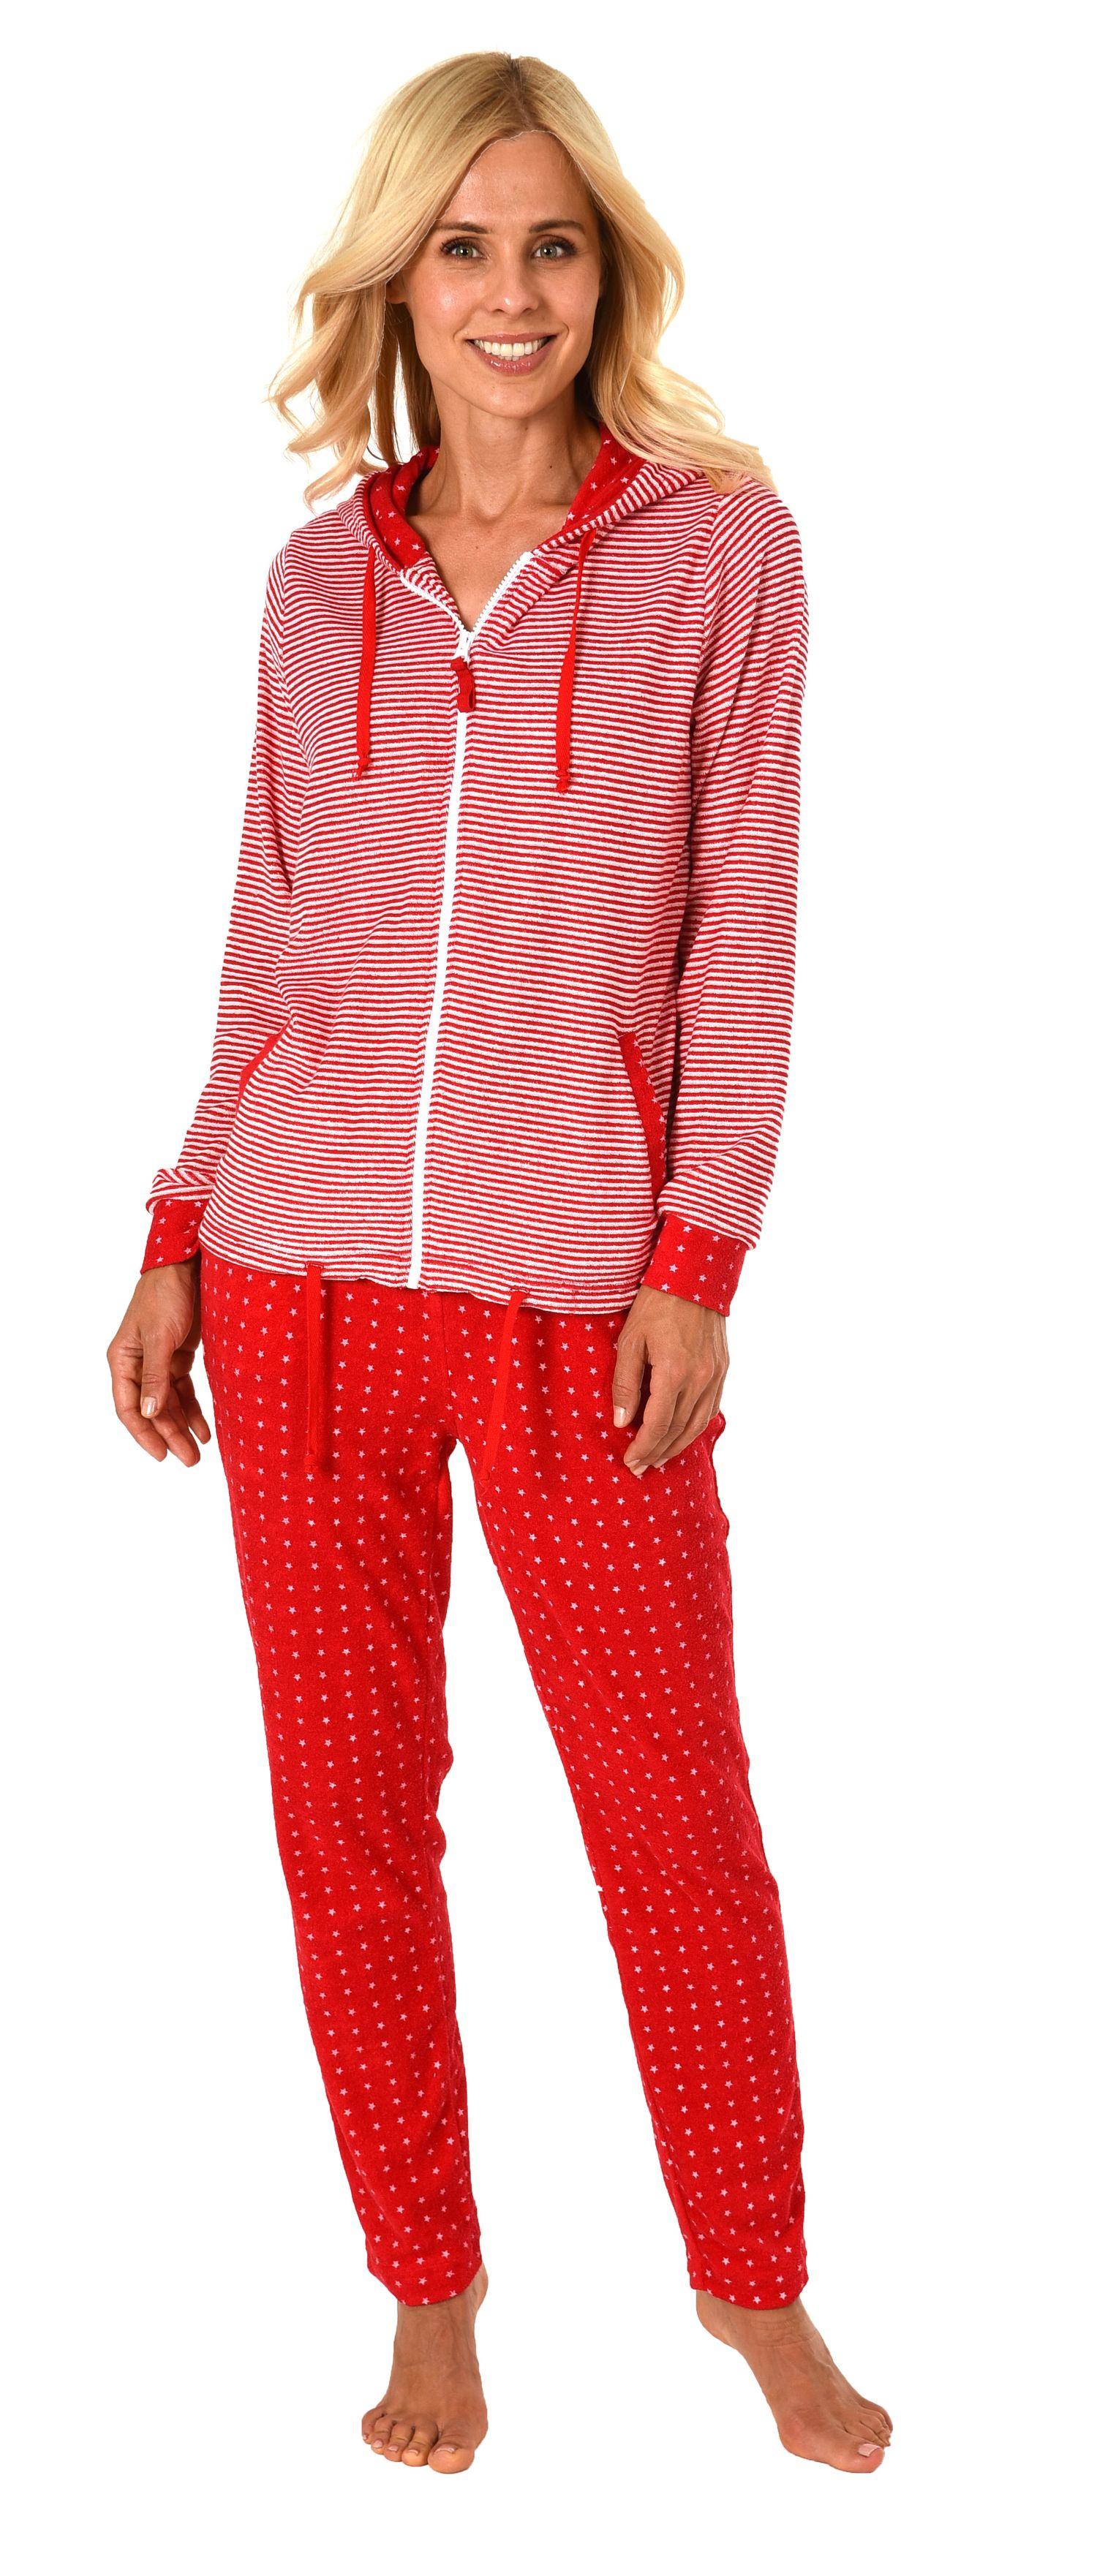 Damen Frottee Hausanzug Sternedesign Homewear Loungewear – auch in Übergrössen bis 60/62 – Bild 1